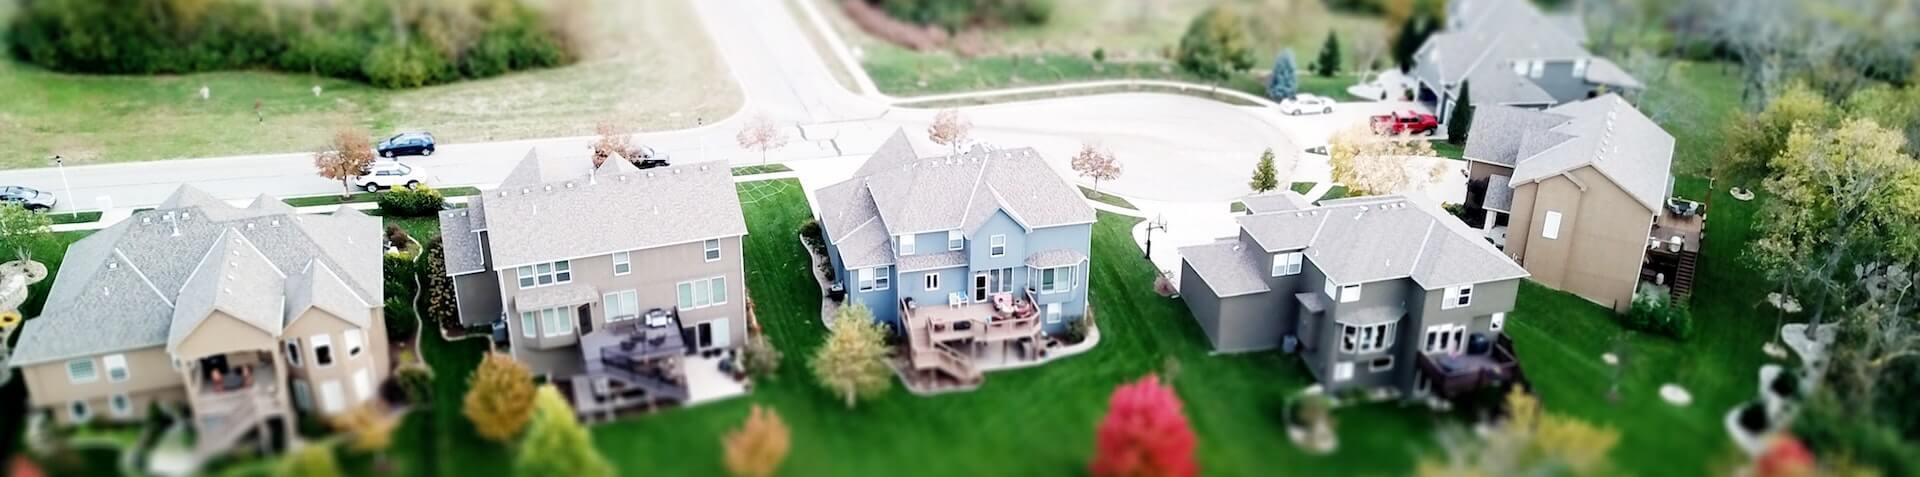 Immobilie im Alter verkaufen